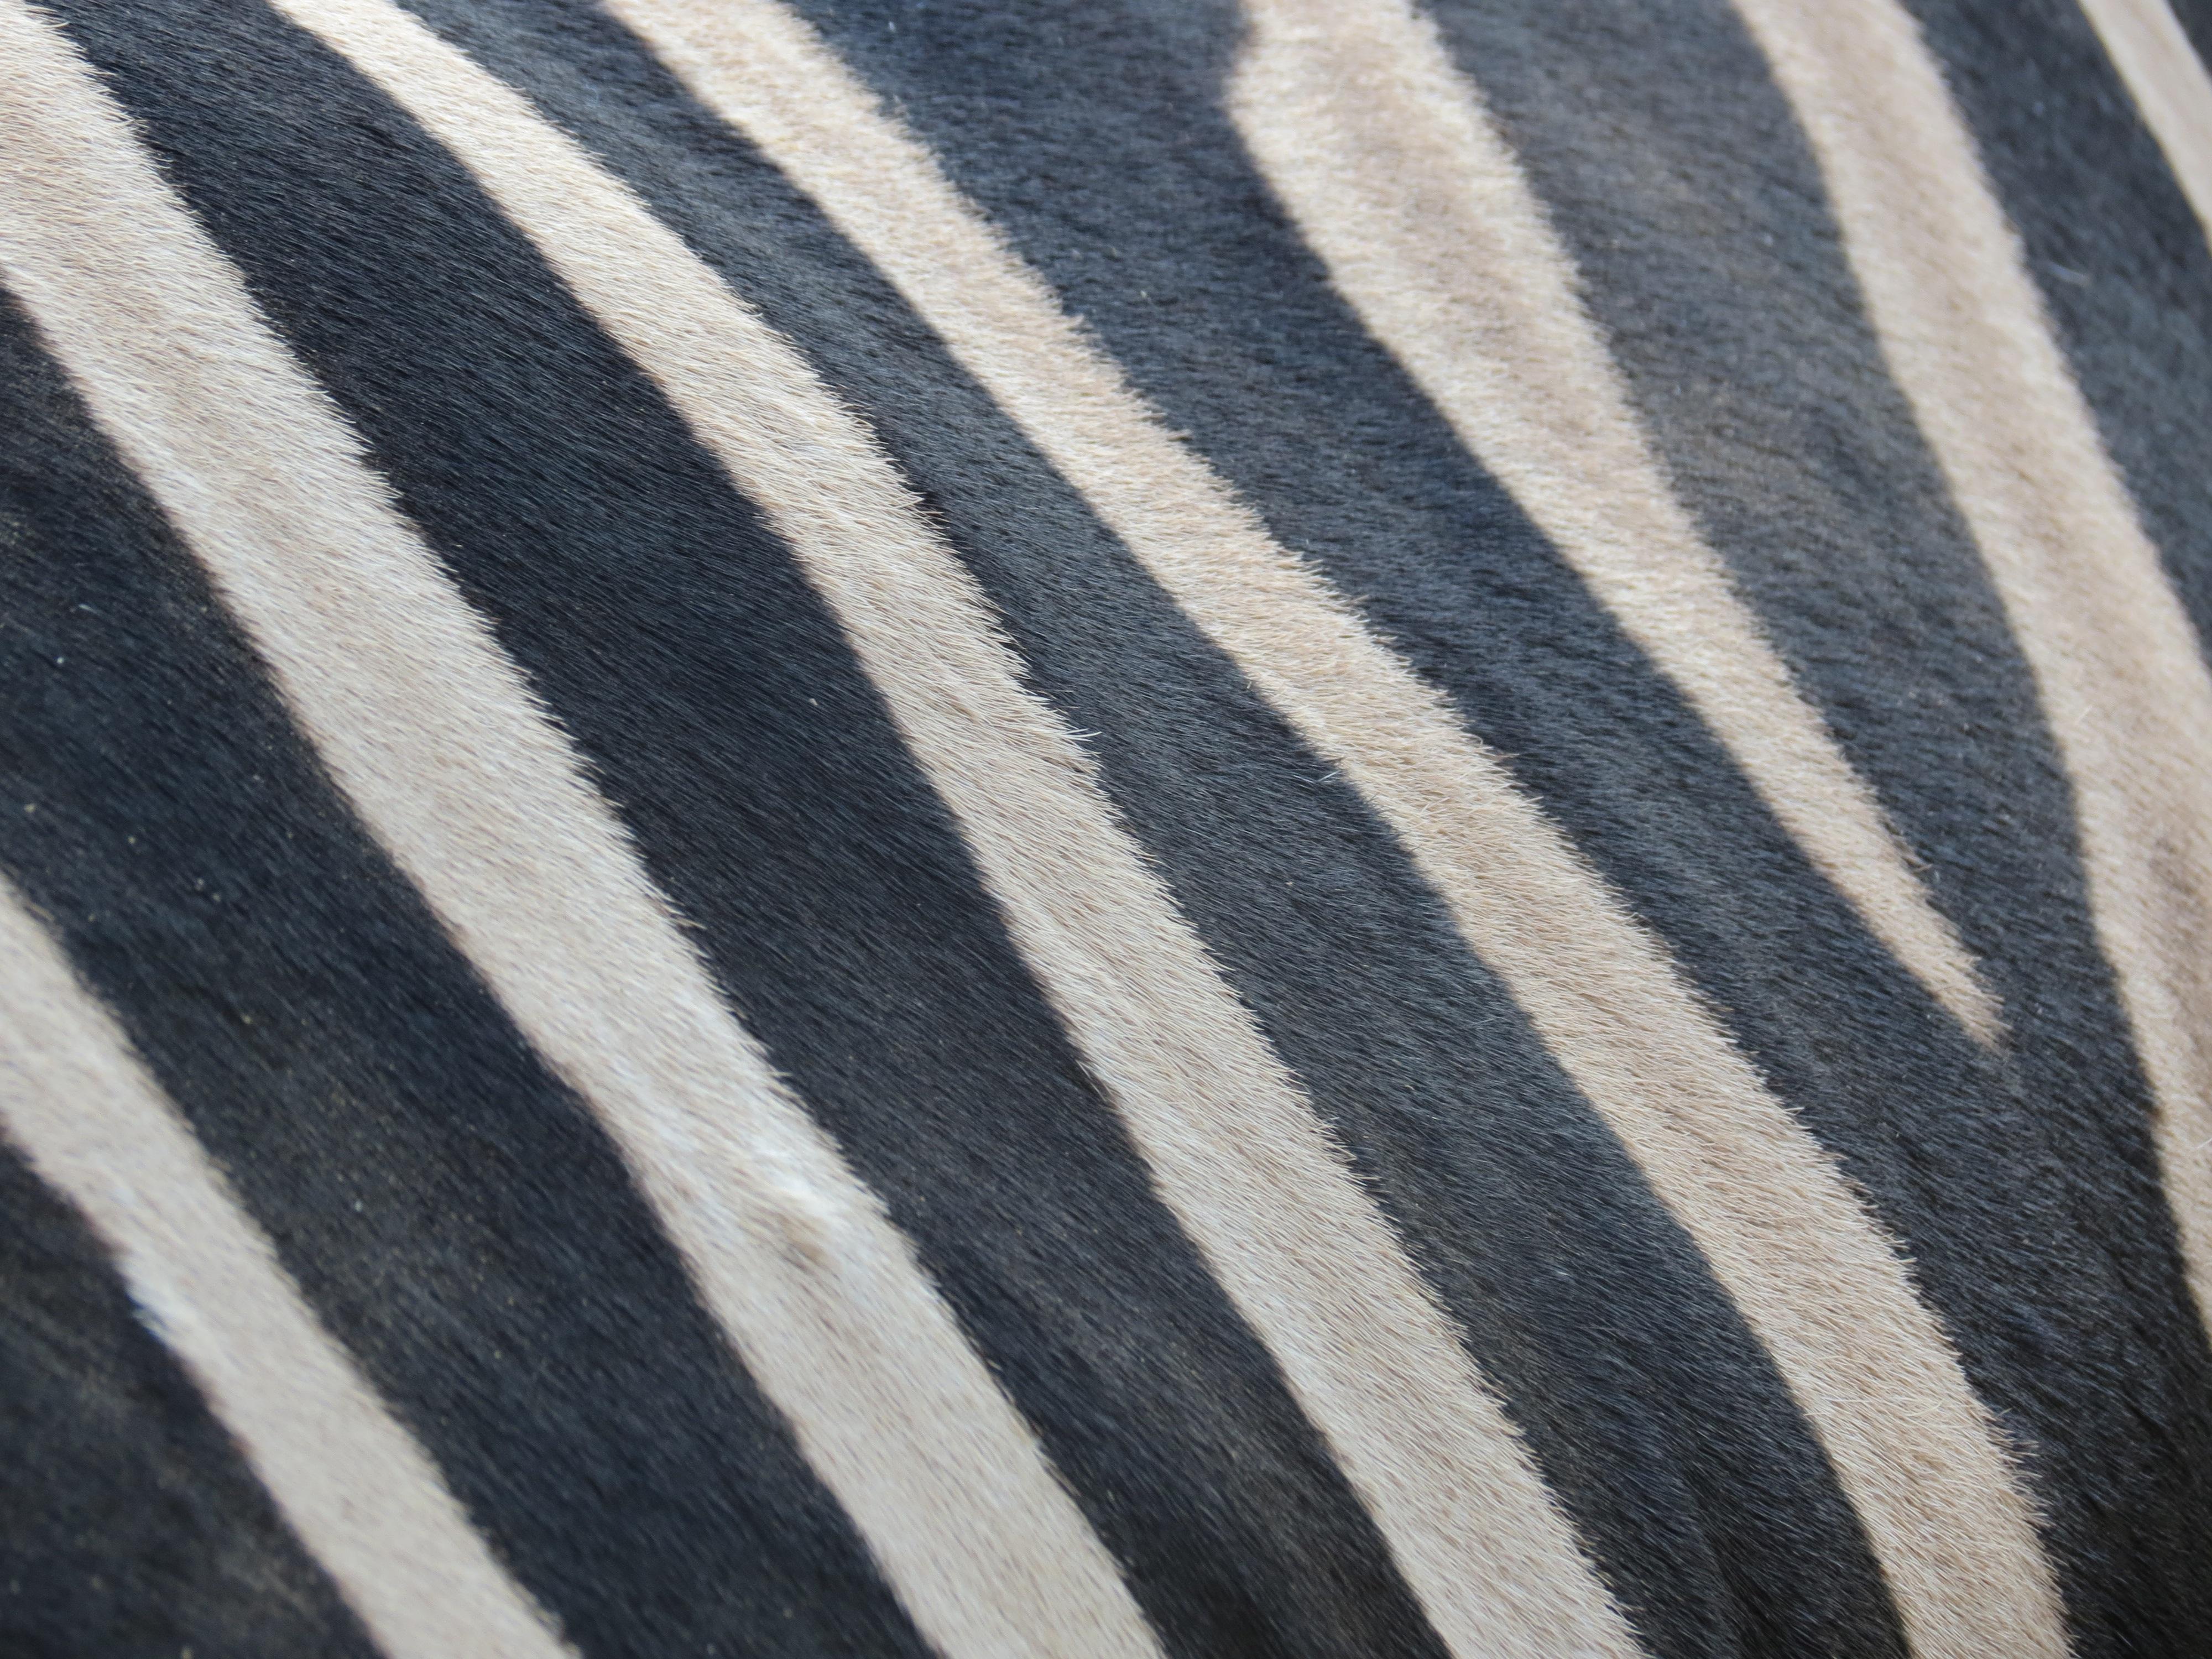 Kostenlose foto : Schwarz und weiß, Muster, Linie, braun, schwarz ...